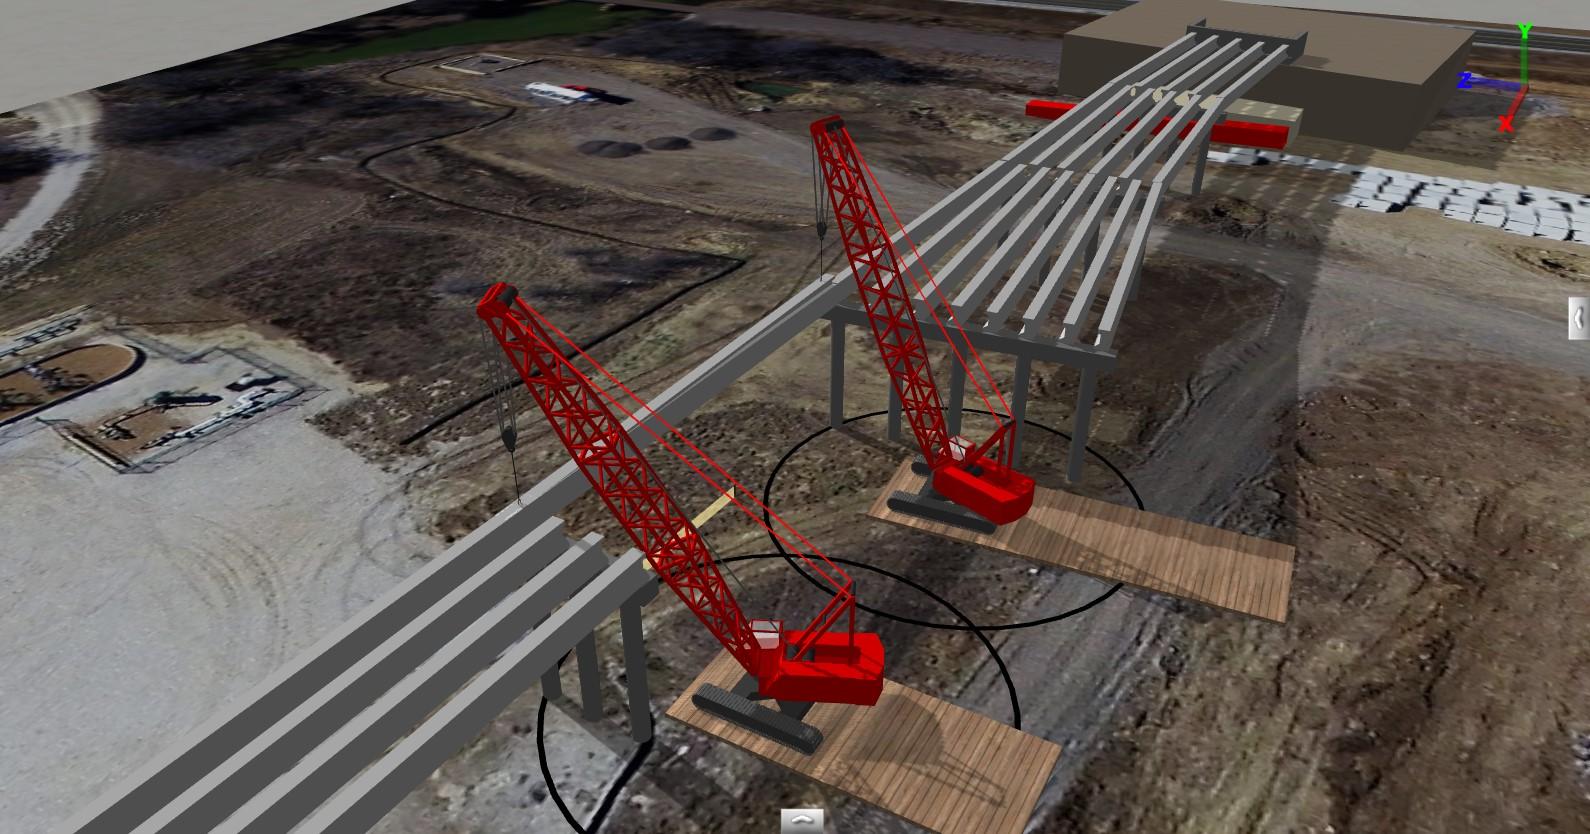 3D Lift Plan - Crane Lift Planning Software